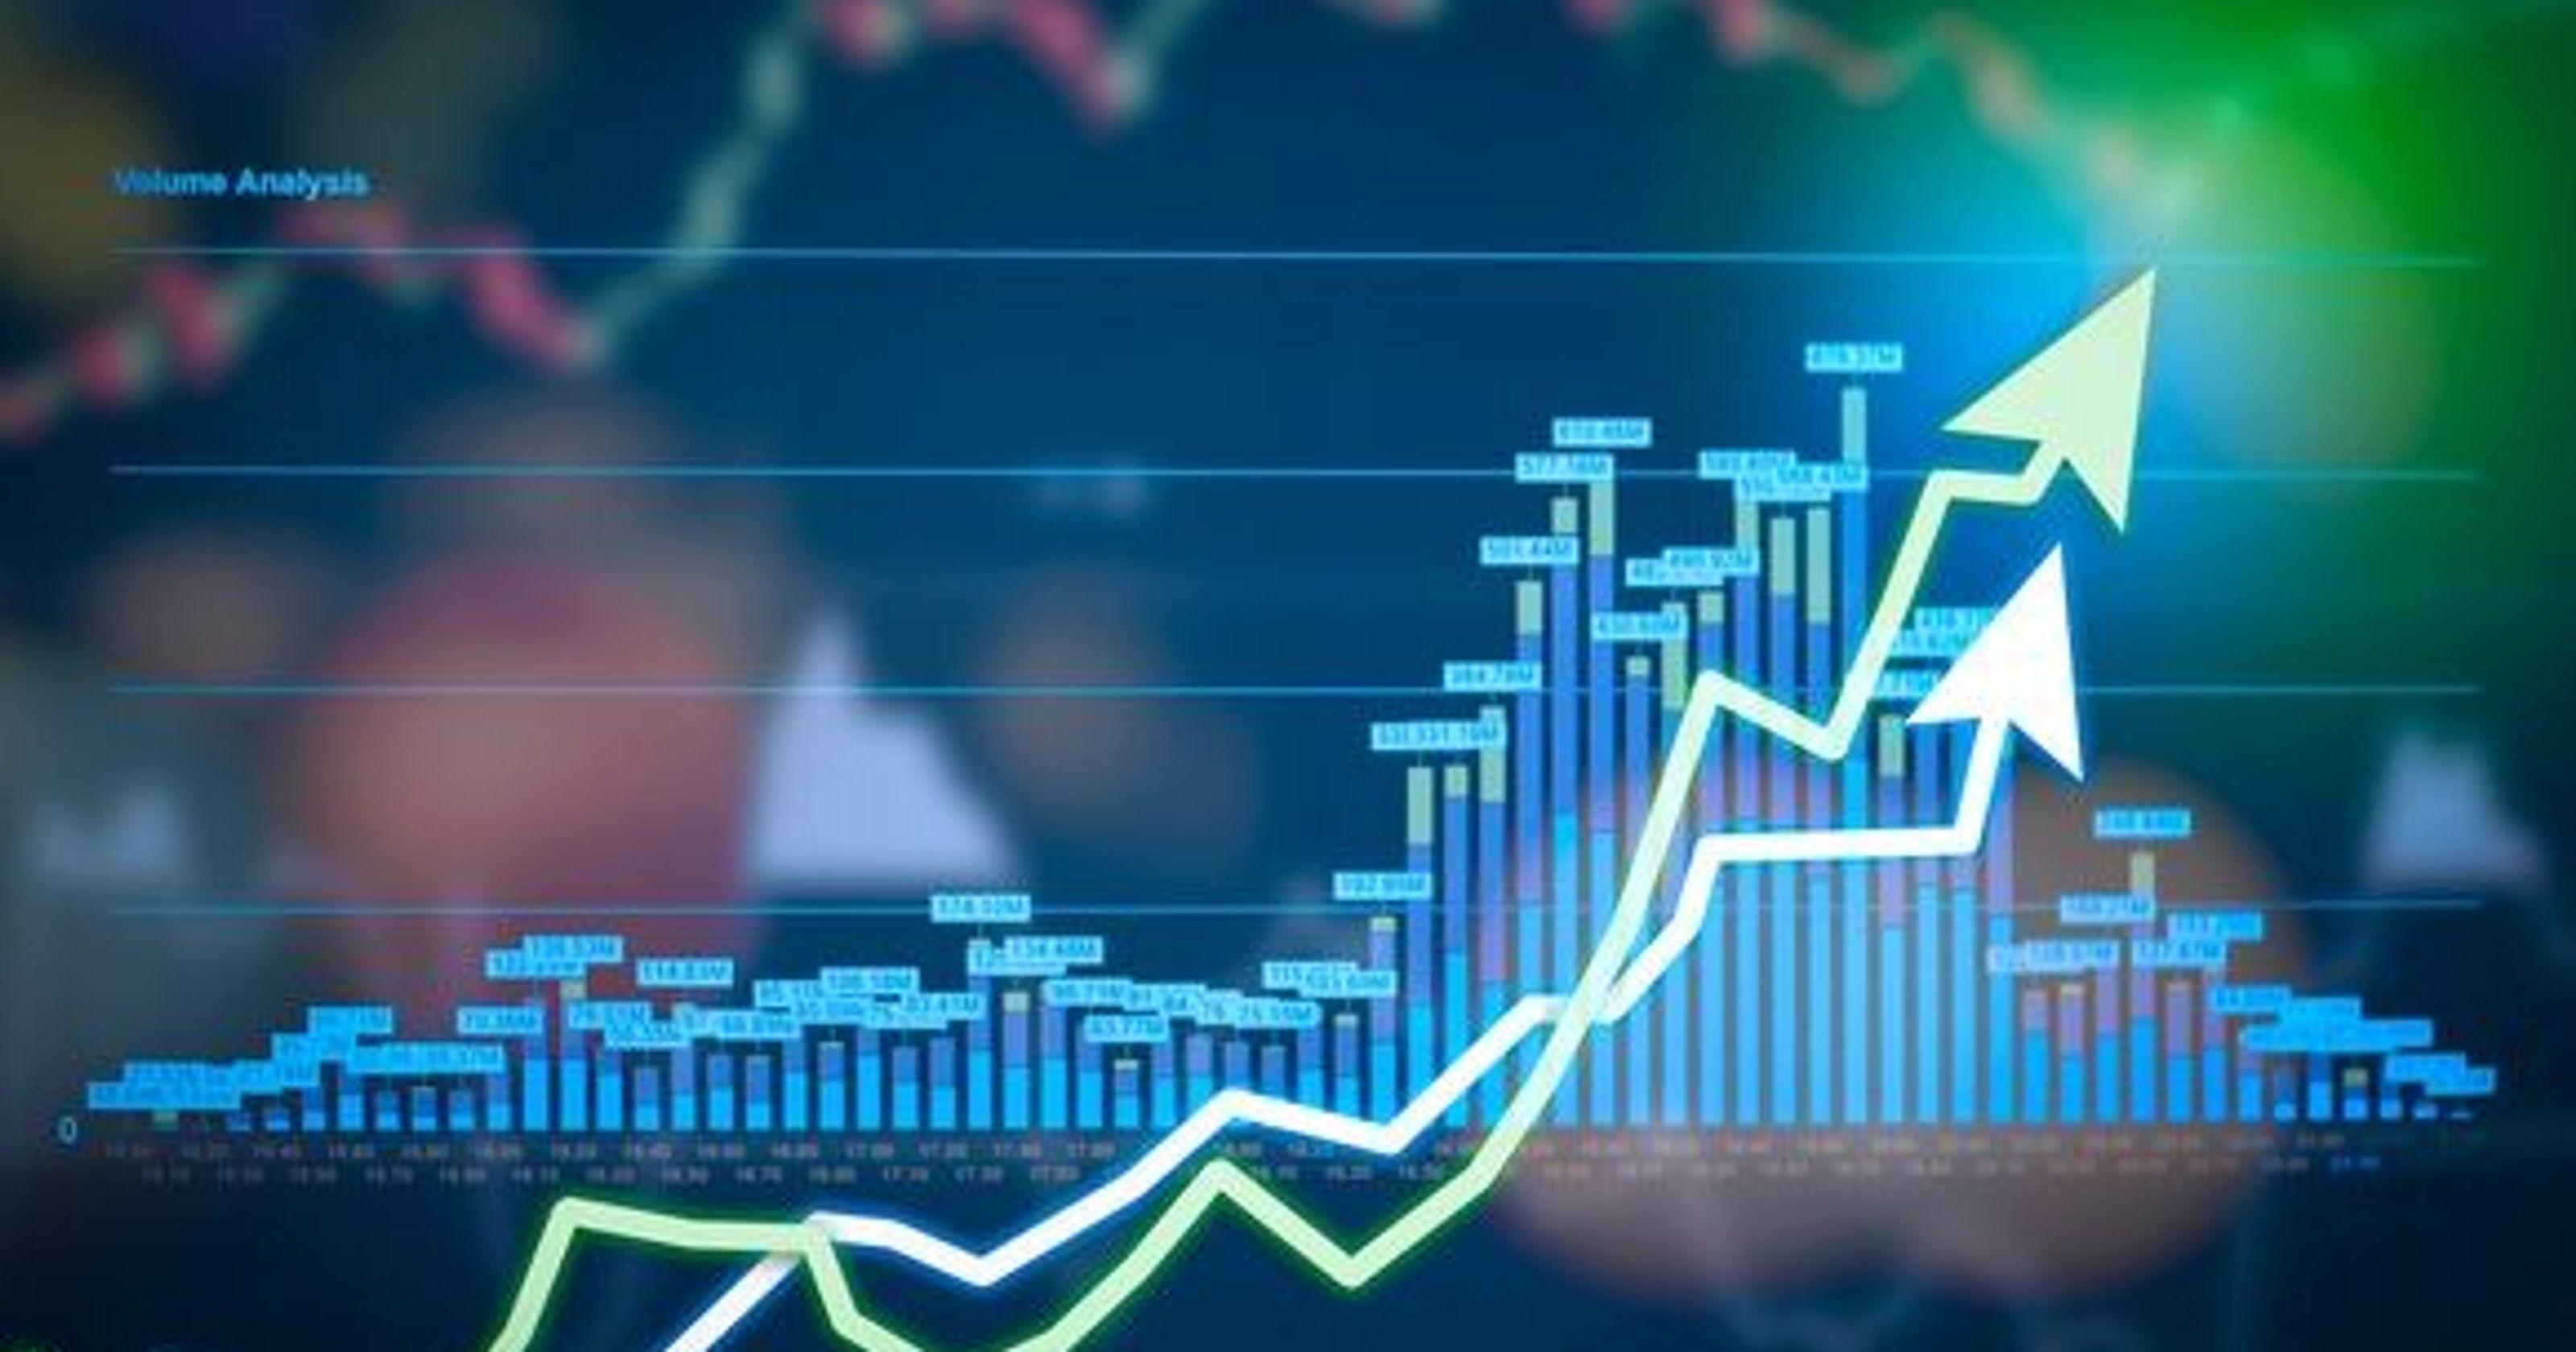 ملف شامل عن الأسهم في الأسواق